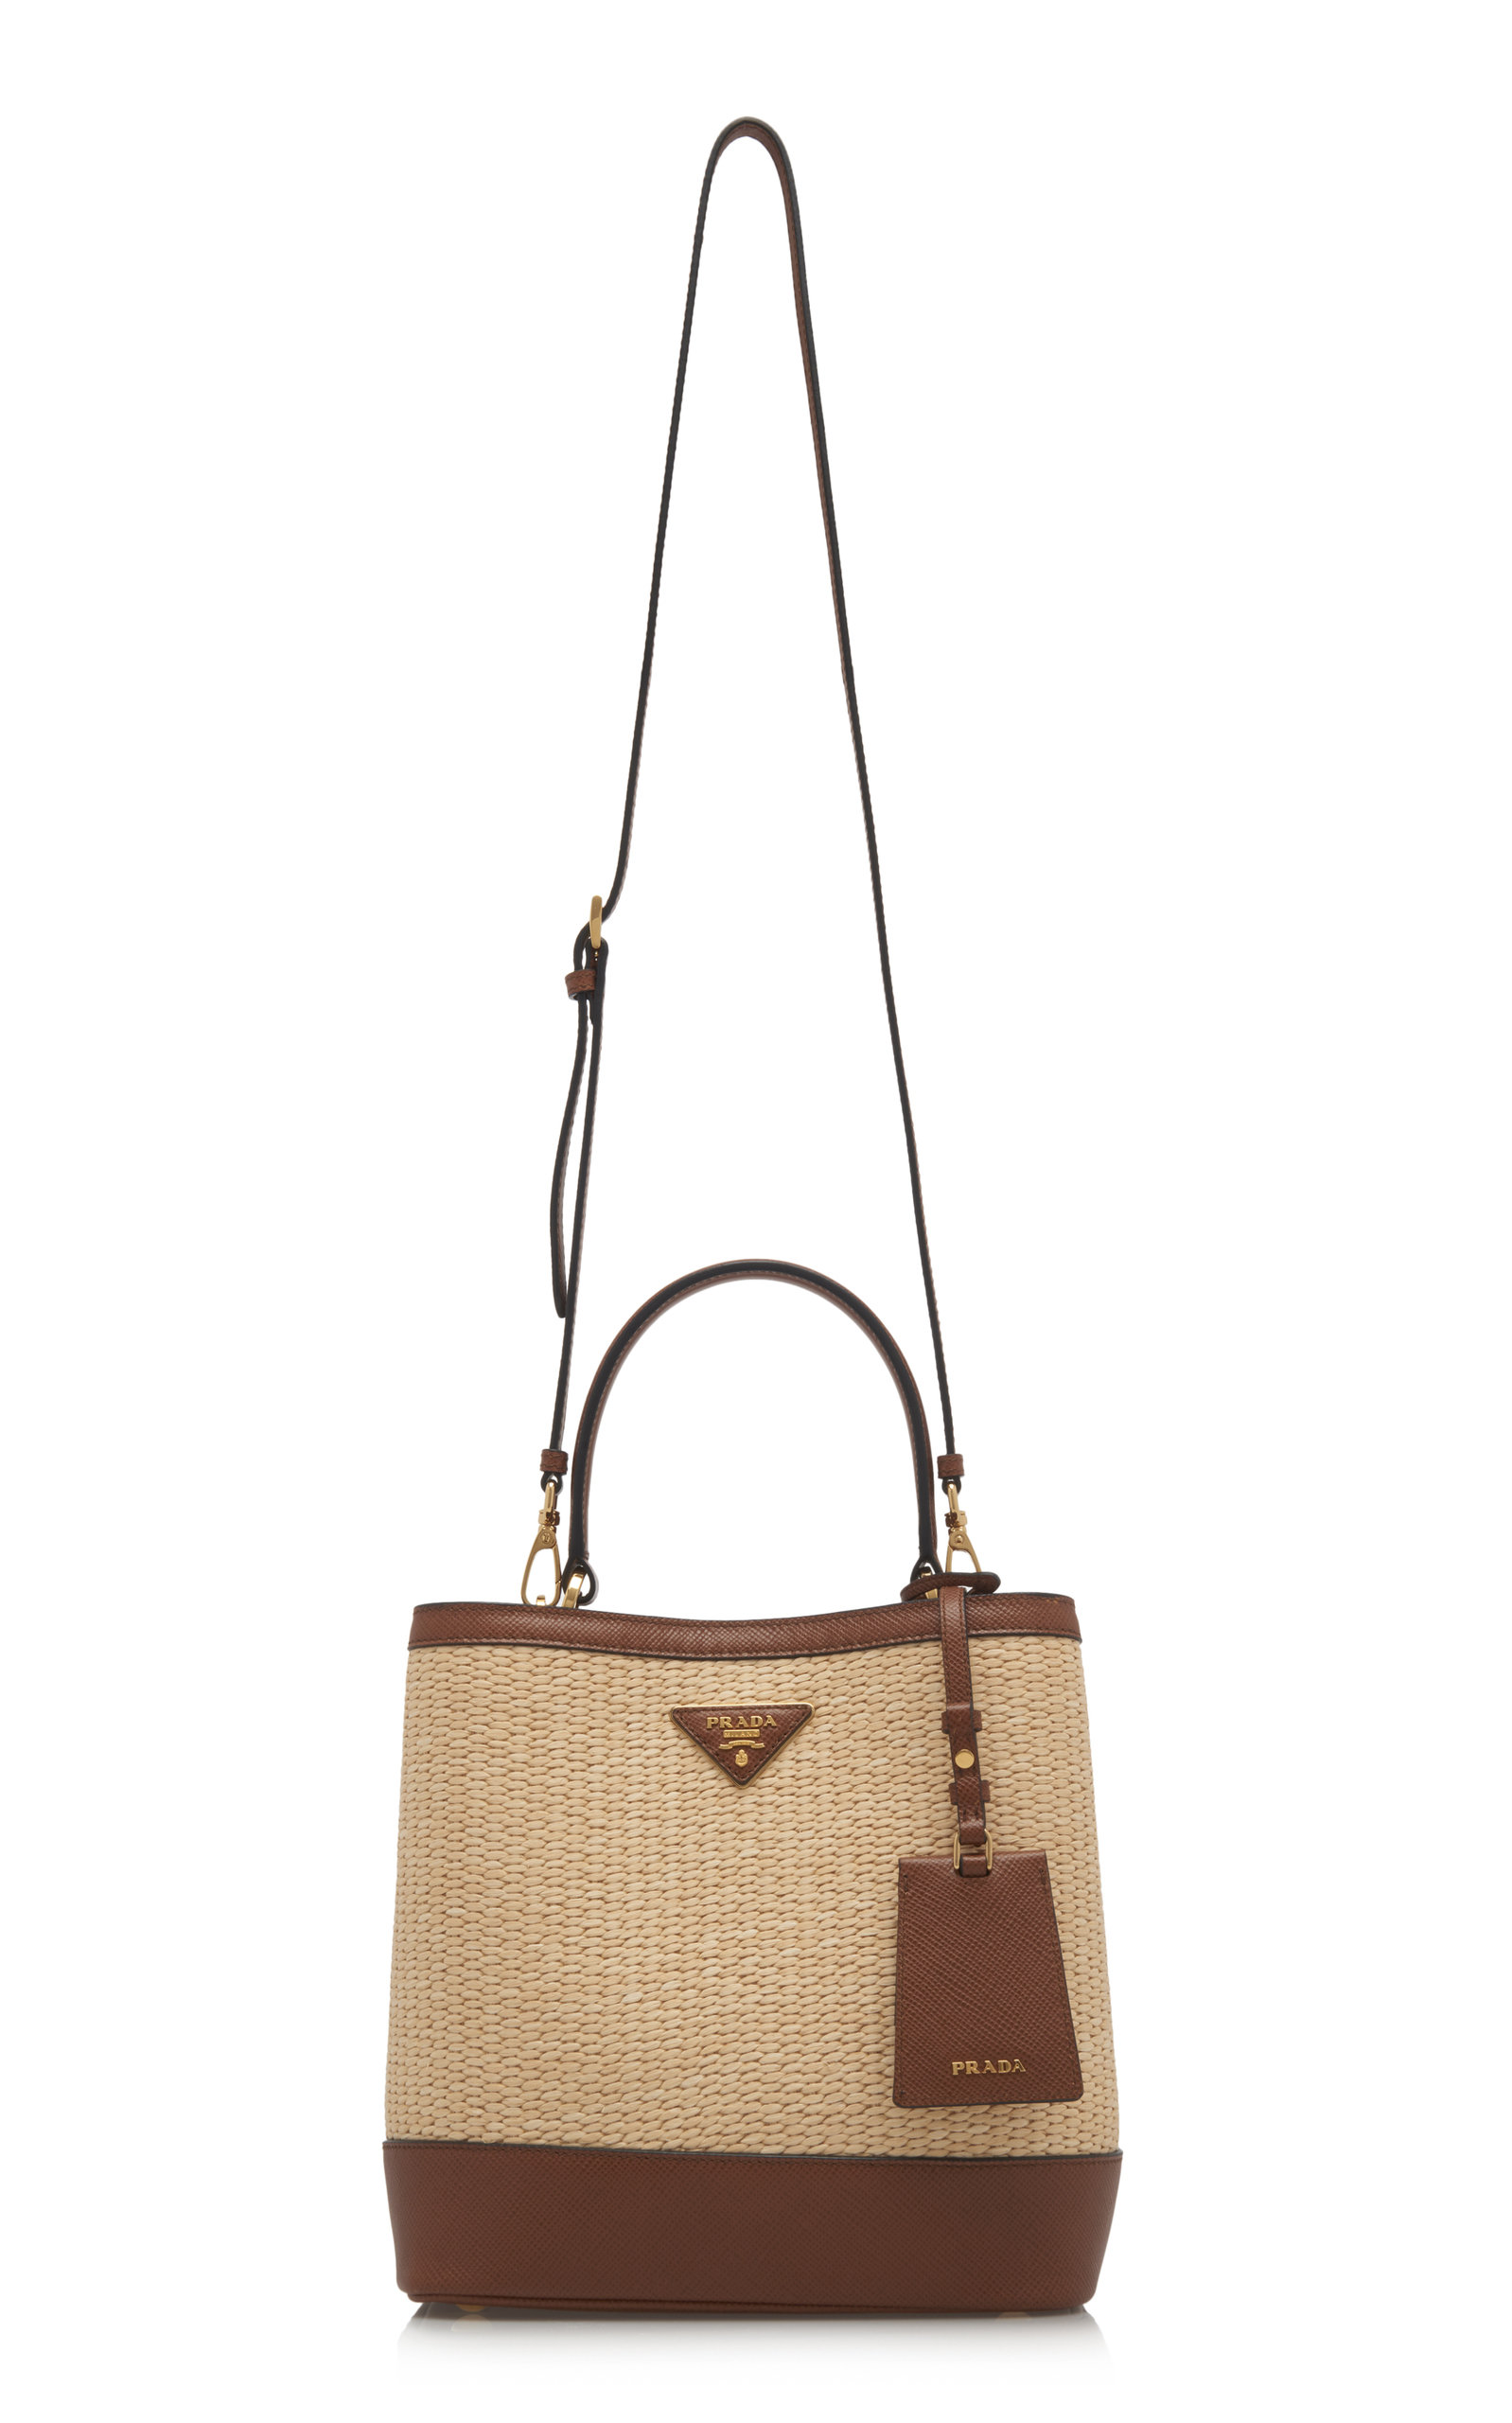 e2fadff71f8e PradaMedium Raffia and Saffiano Leather Double Bucket Bag. CLOSE. Loading.  Loading